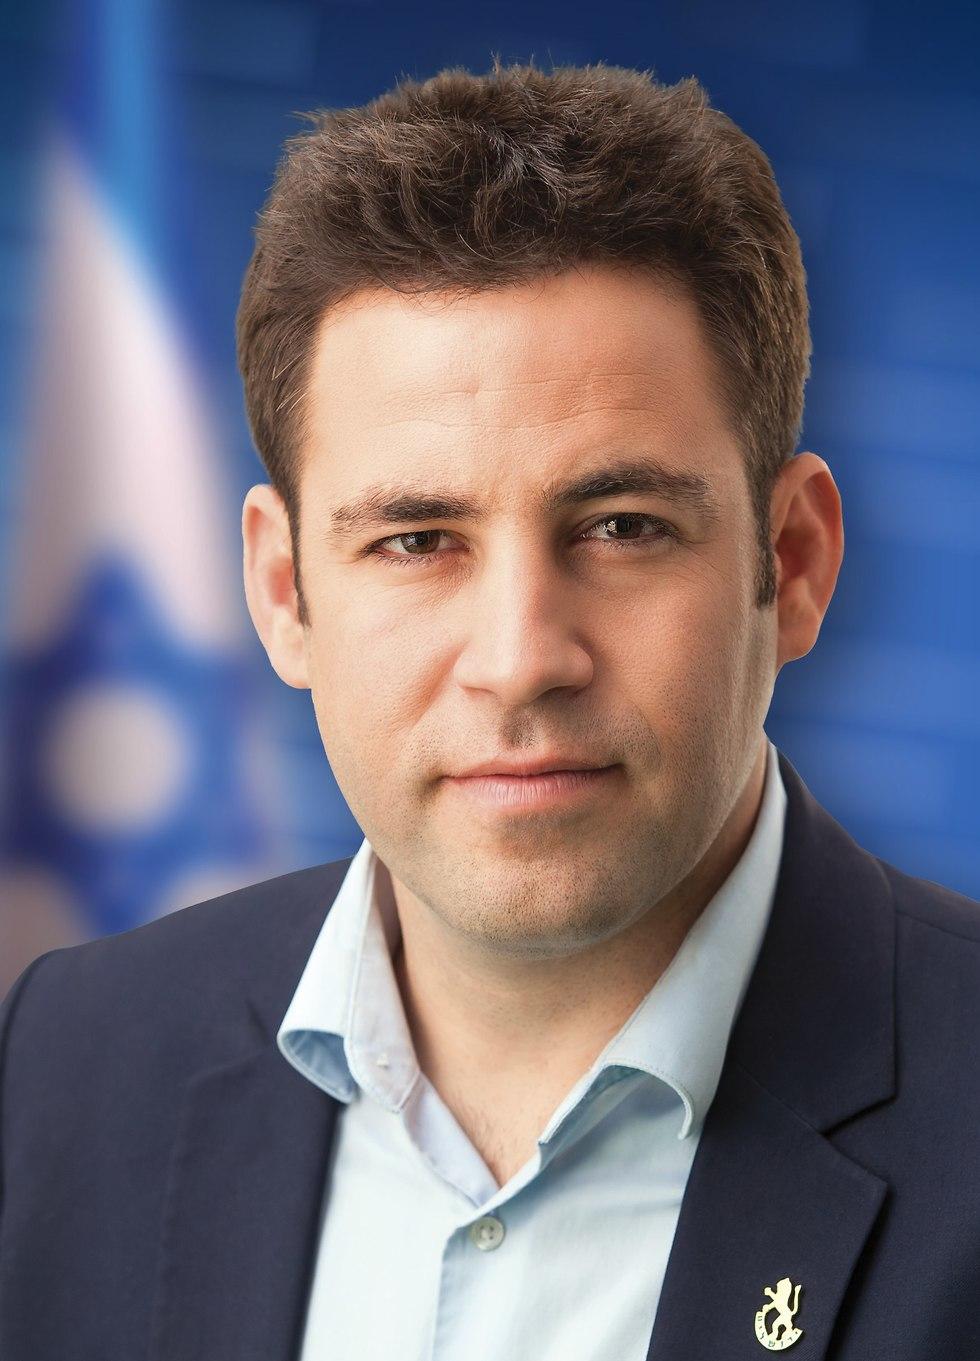 עופר ברקוביץ (צילום: ראובן קפוצ'ינסקי )